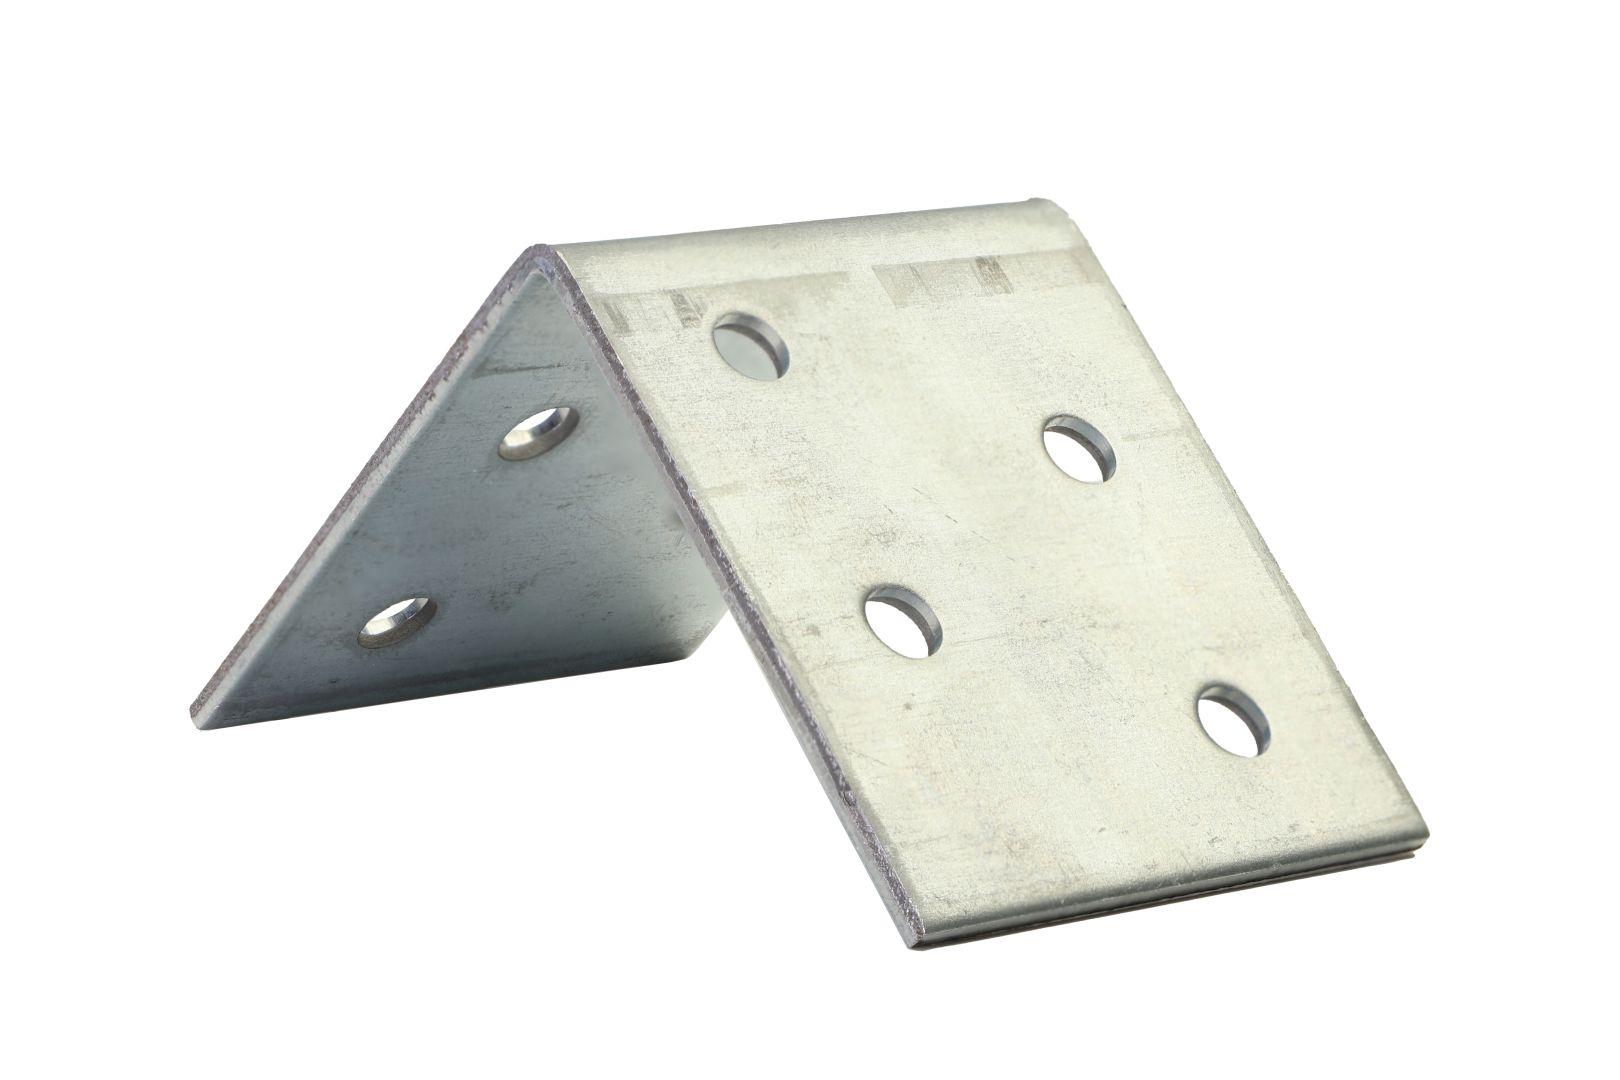 GAH Winkelverbinder, Lochplattenwinkel, sendzimirverzinkt, 50 x 50 x 40 mm, Stärke: 2 mm